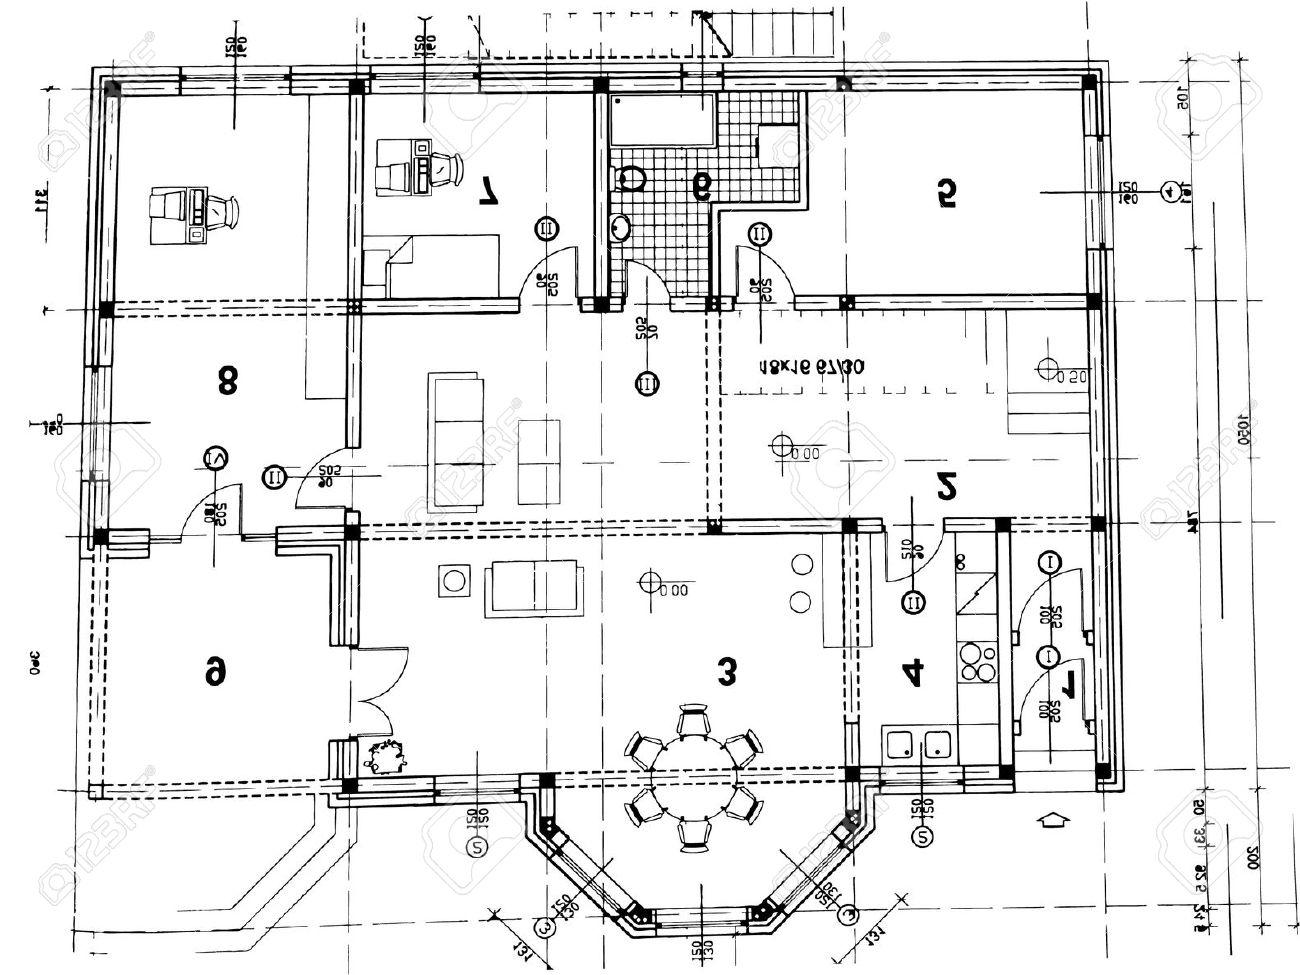 Wieee nennt man solche zeichnungen architektur plan for Architectural site plan drawing